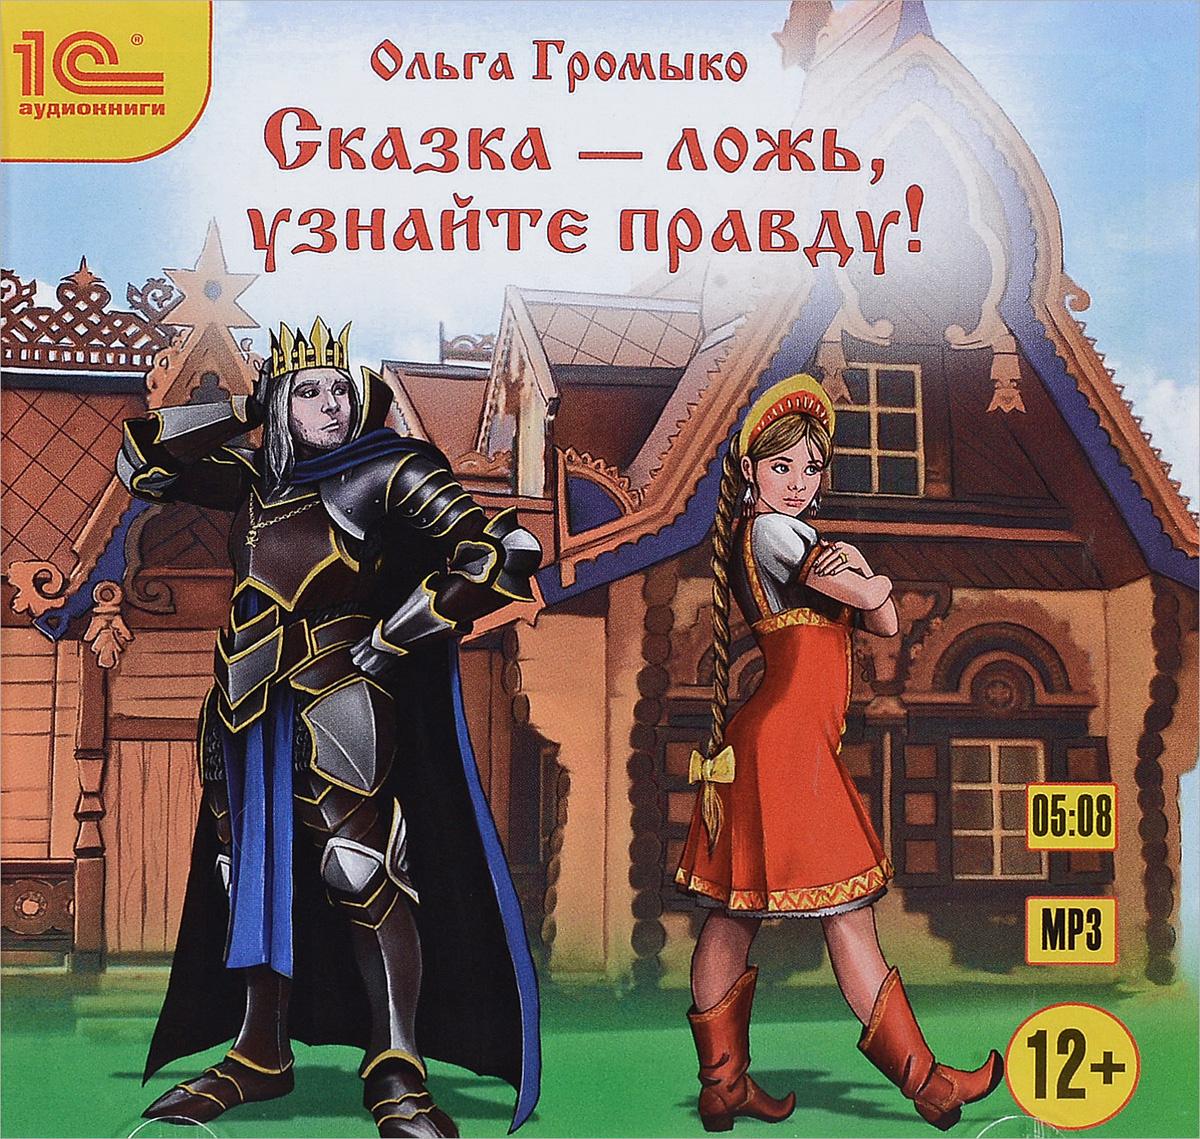 Сказка - ложь, узнайте правду! (аудиокнига на CD MP3) | Громыко Ольга Николаевна  #1